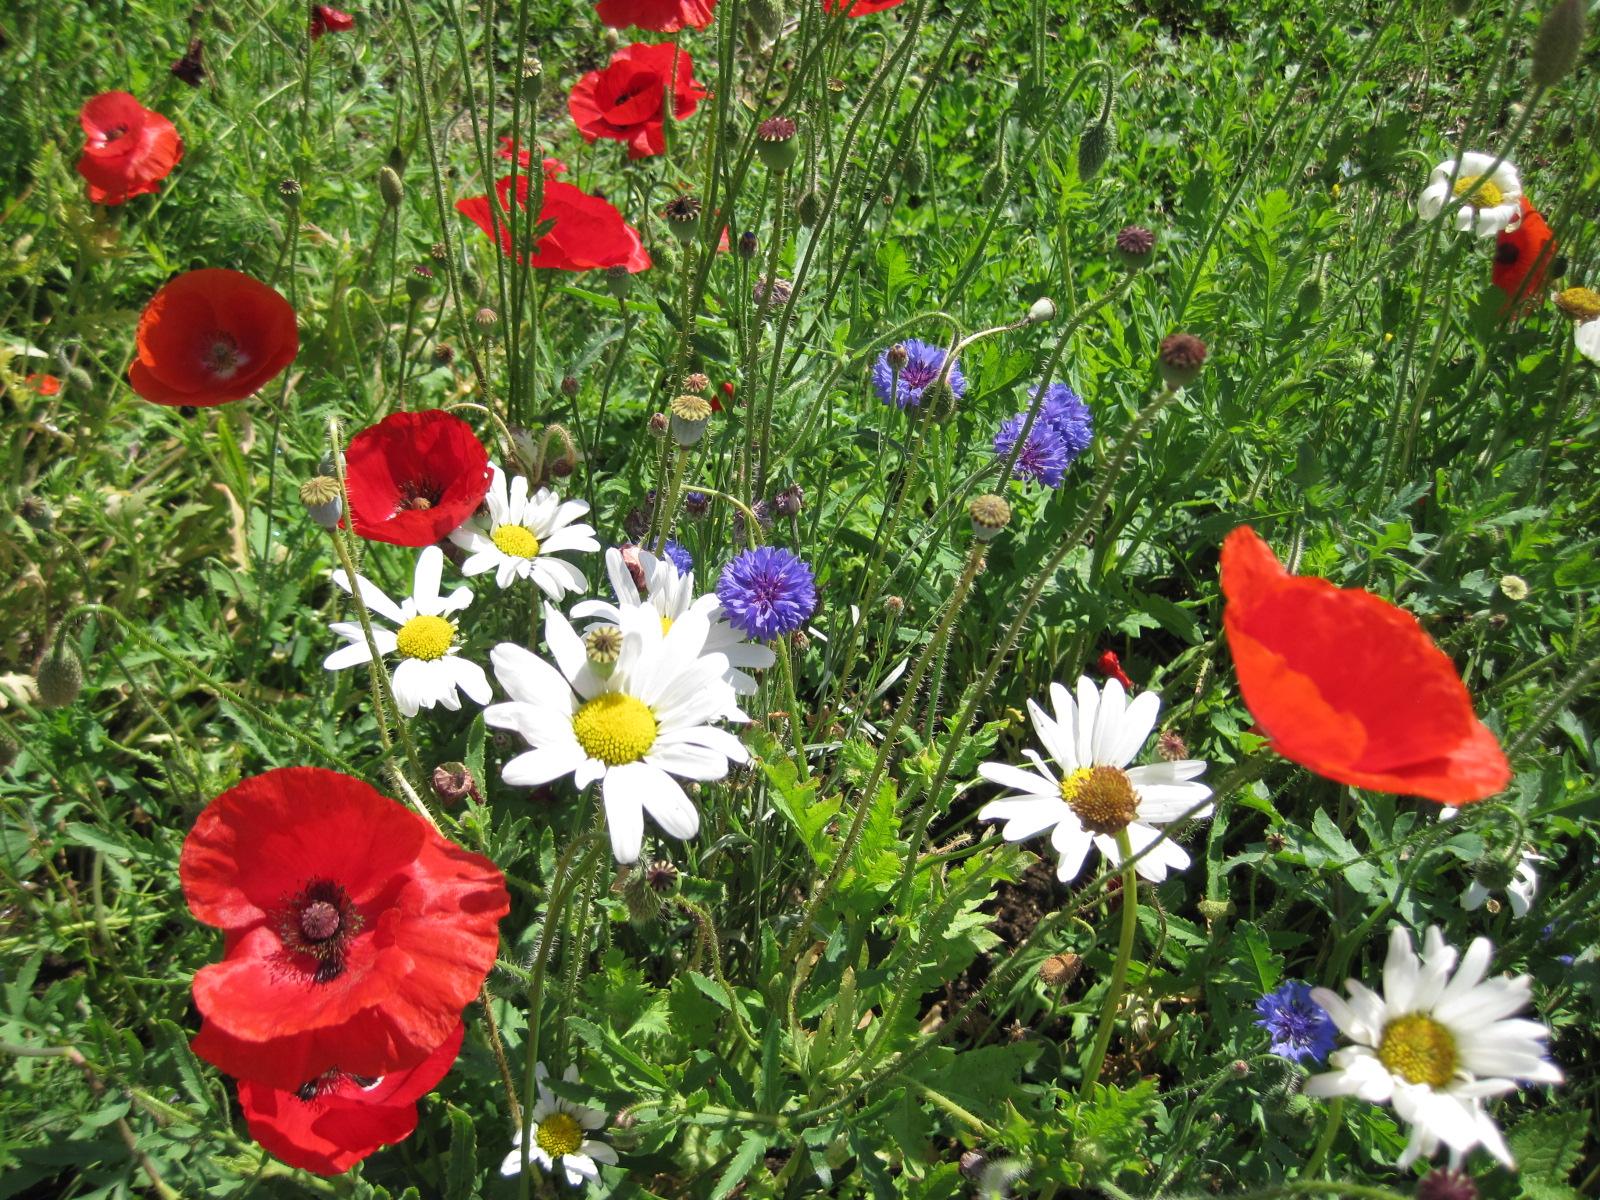 Une nouvelle fleur en plein questionnement - Page 7 Bleuets_%26_Coquelicots_0002